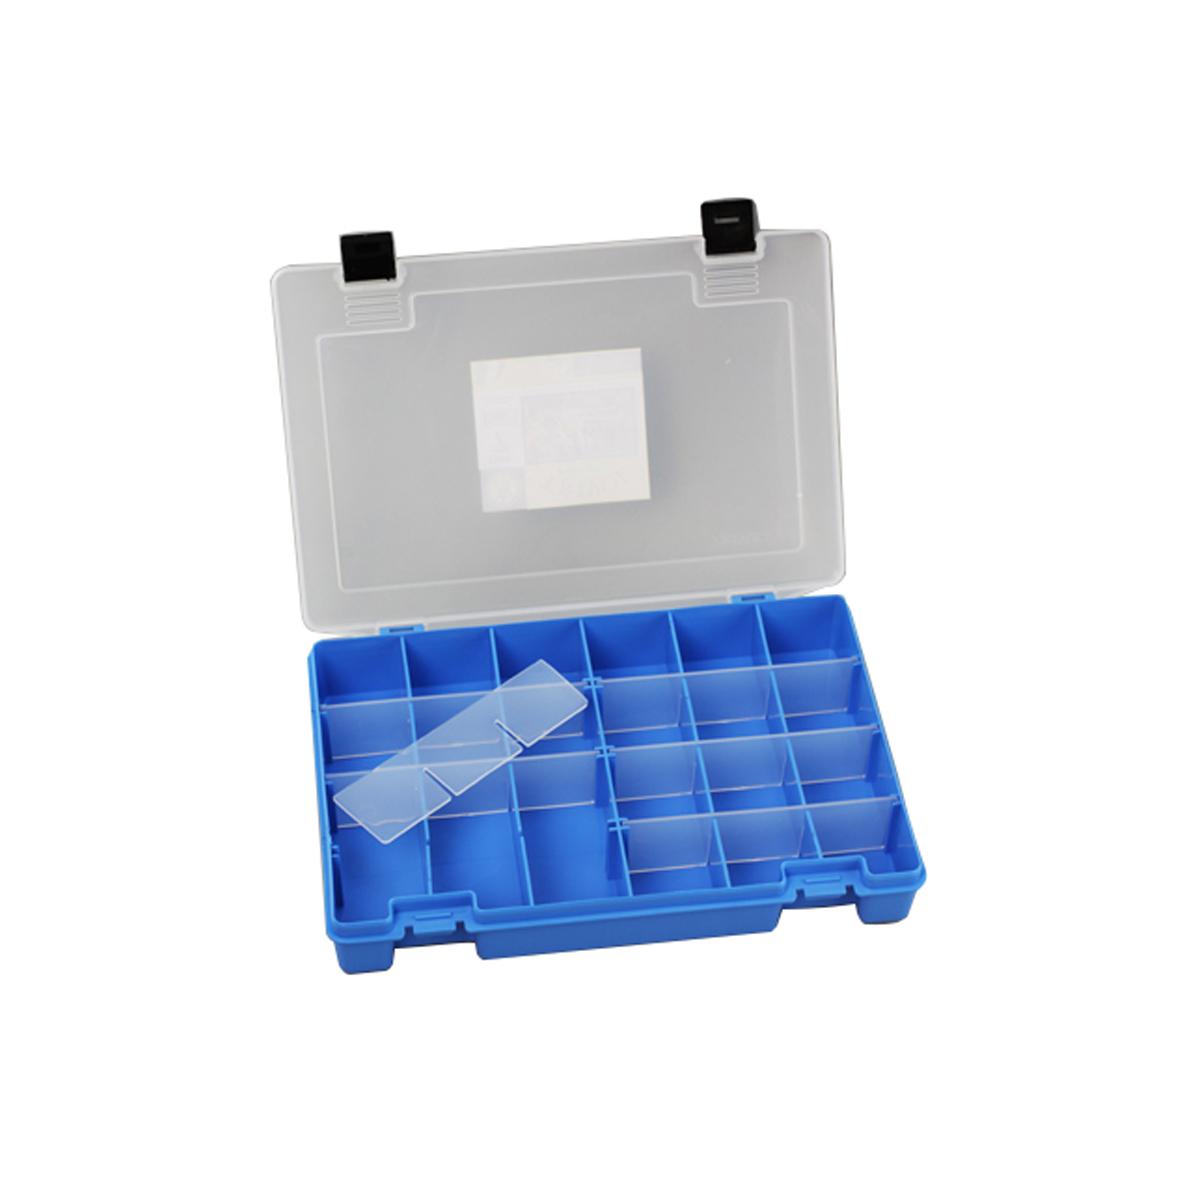 Коробка для мелочей Trivol, цвет: синий, прозрачный, 27,4 х 18,8 х 4,5 смU210DFКоробка для мелочей Trivol, выполненная из прочного полипропилена (пластика), отлично подойдет для хранения канцелярских принадлежностей дома или в офисе, аксессуаров для шитья и рукоделия, болтов и гаек, а также принадлежностей для рыбалки и других видов хобби. Изделие имеет прочные съемные разделители, с помощью которых можно регулировать количество ячеек. Прозрачный материал позволяет видеть содержимое. Крышка коробки плотно закрывается на 2 защелки. Коробка легко моется и чистится. Она поможет держать ваши вещи в порядке. Размер ячейки: 4,5 х 4,5 х 4 см.